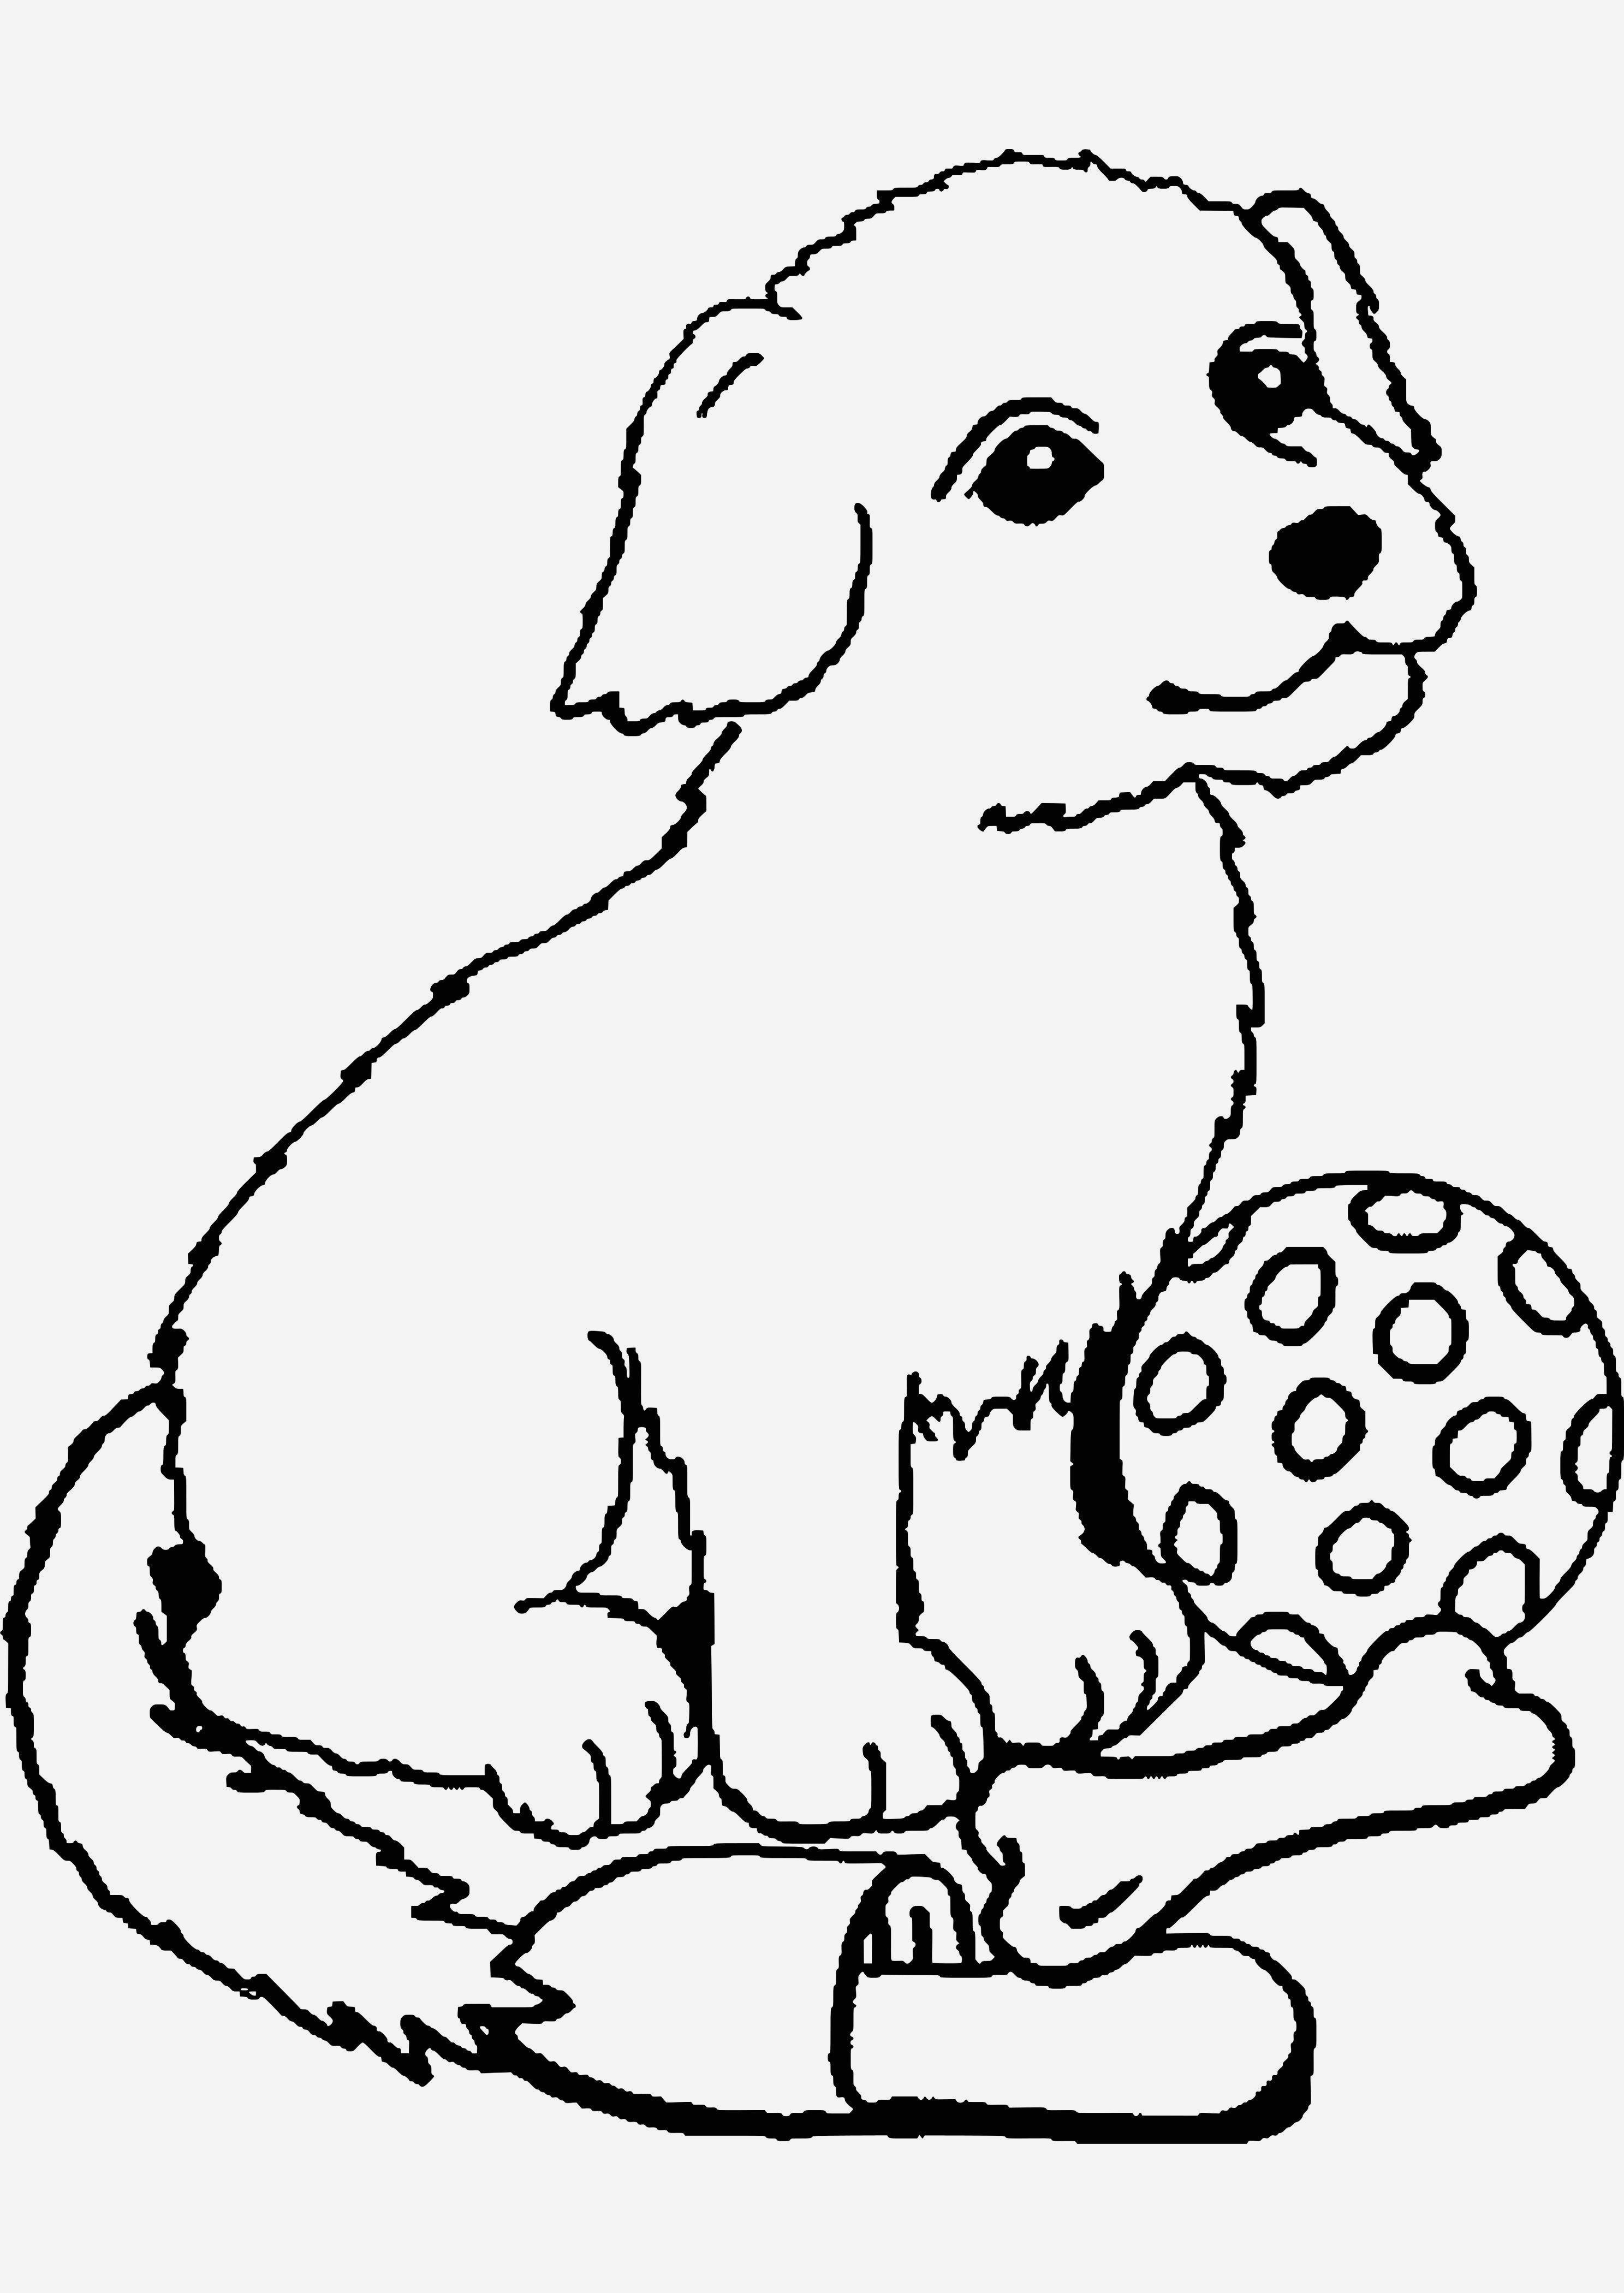 Ausmalbilder Hund Und Katze Genial Beispielbilder Färben Ausmalbilder Hund Und Hase Fotografieren